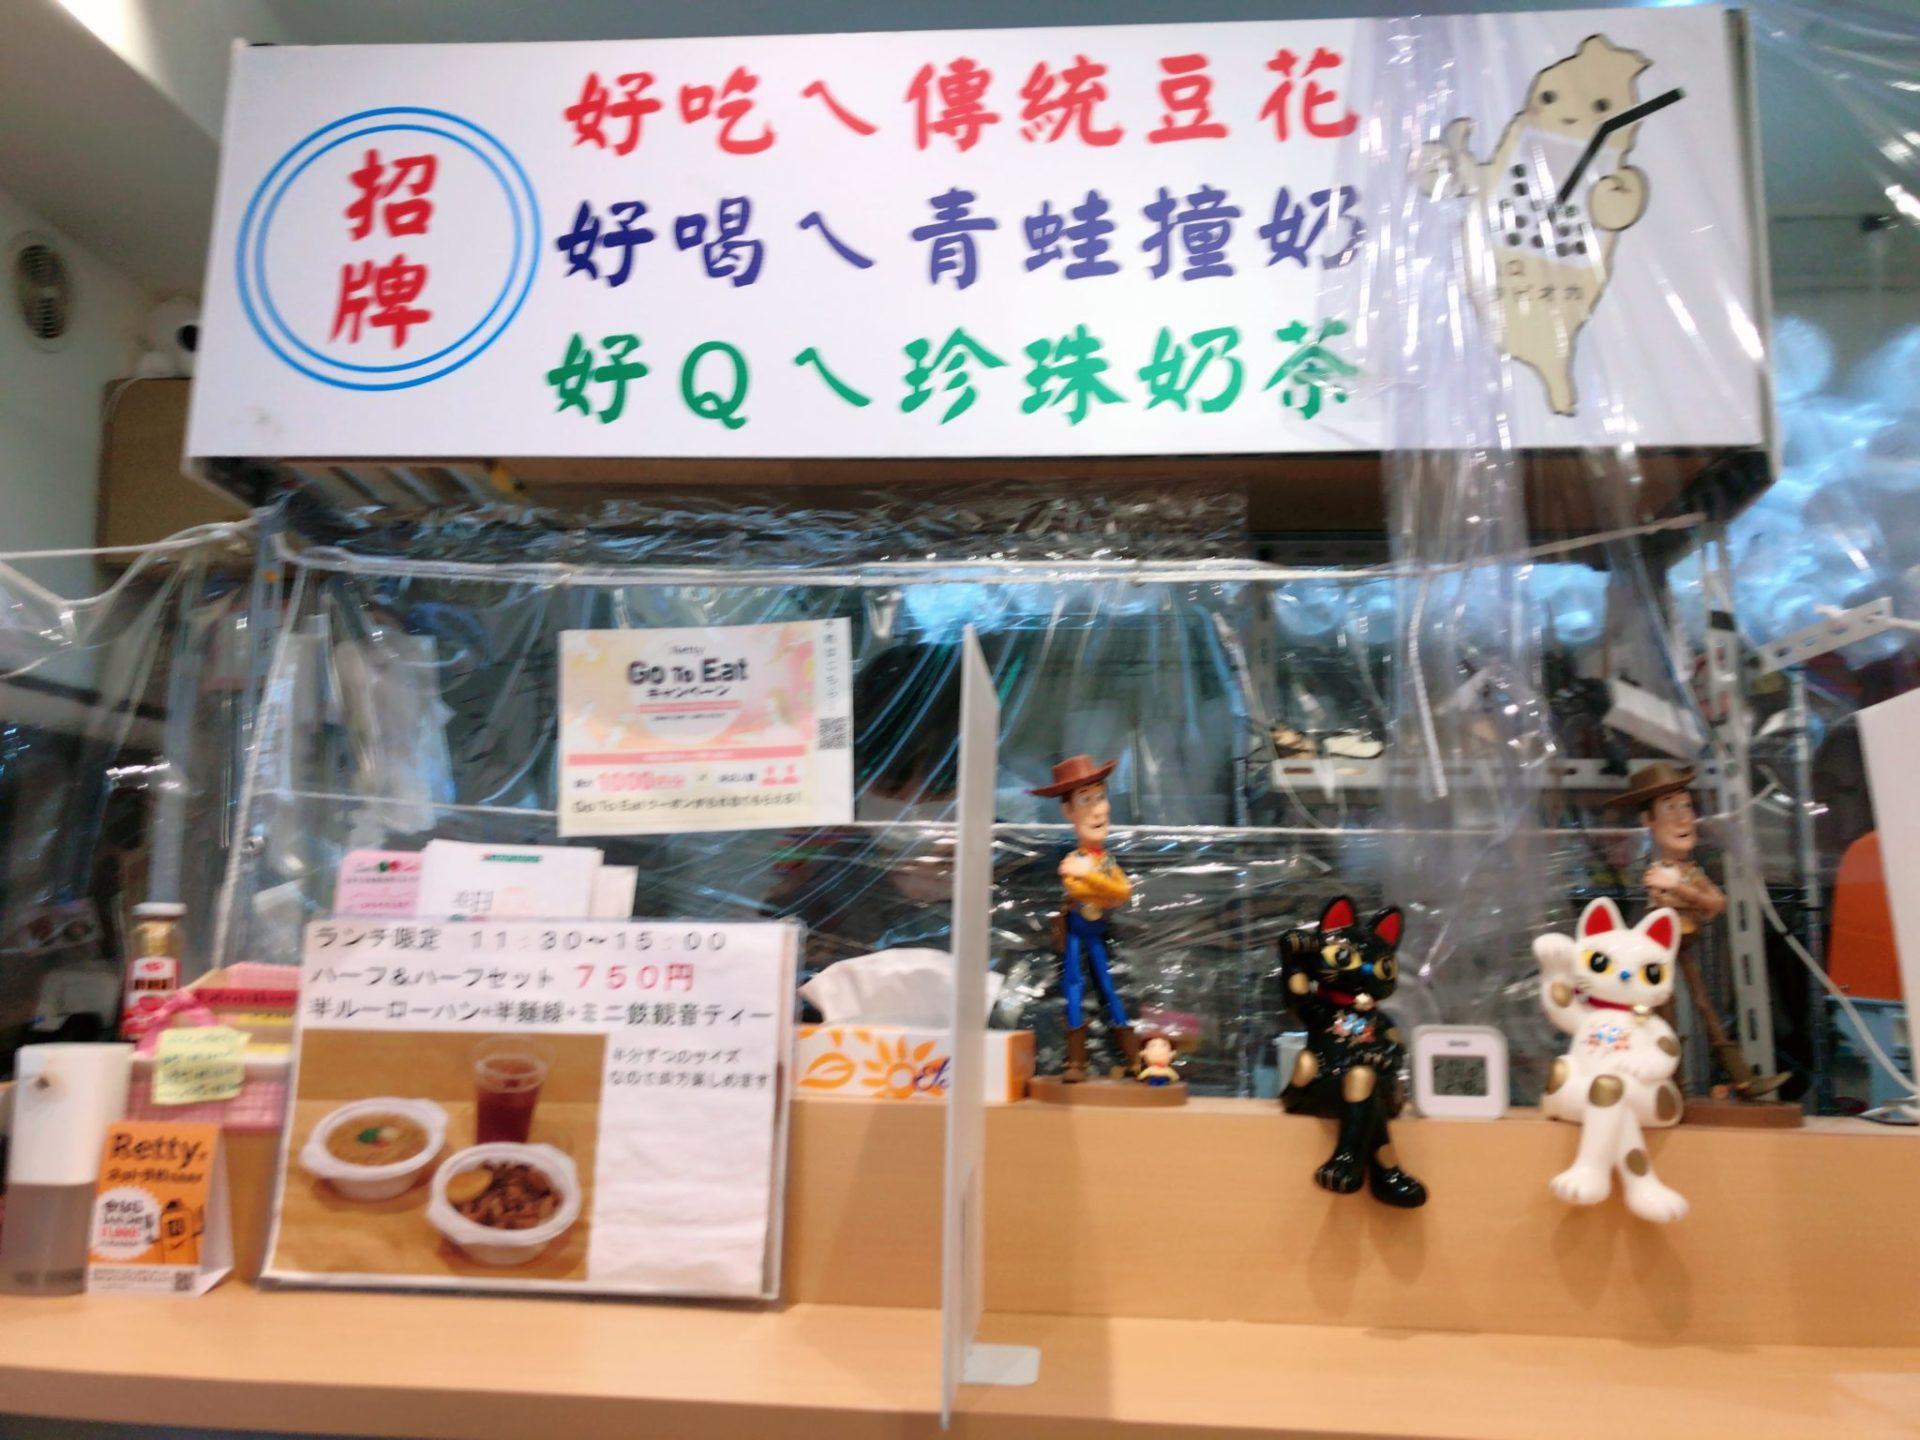 QQタピオカ(新宿御苑)の店内は台湾屋台のよう